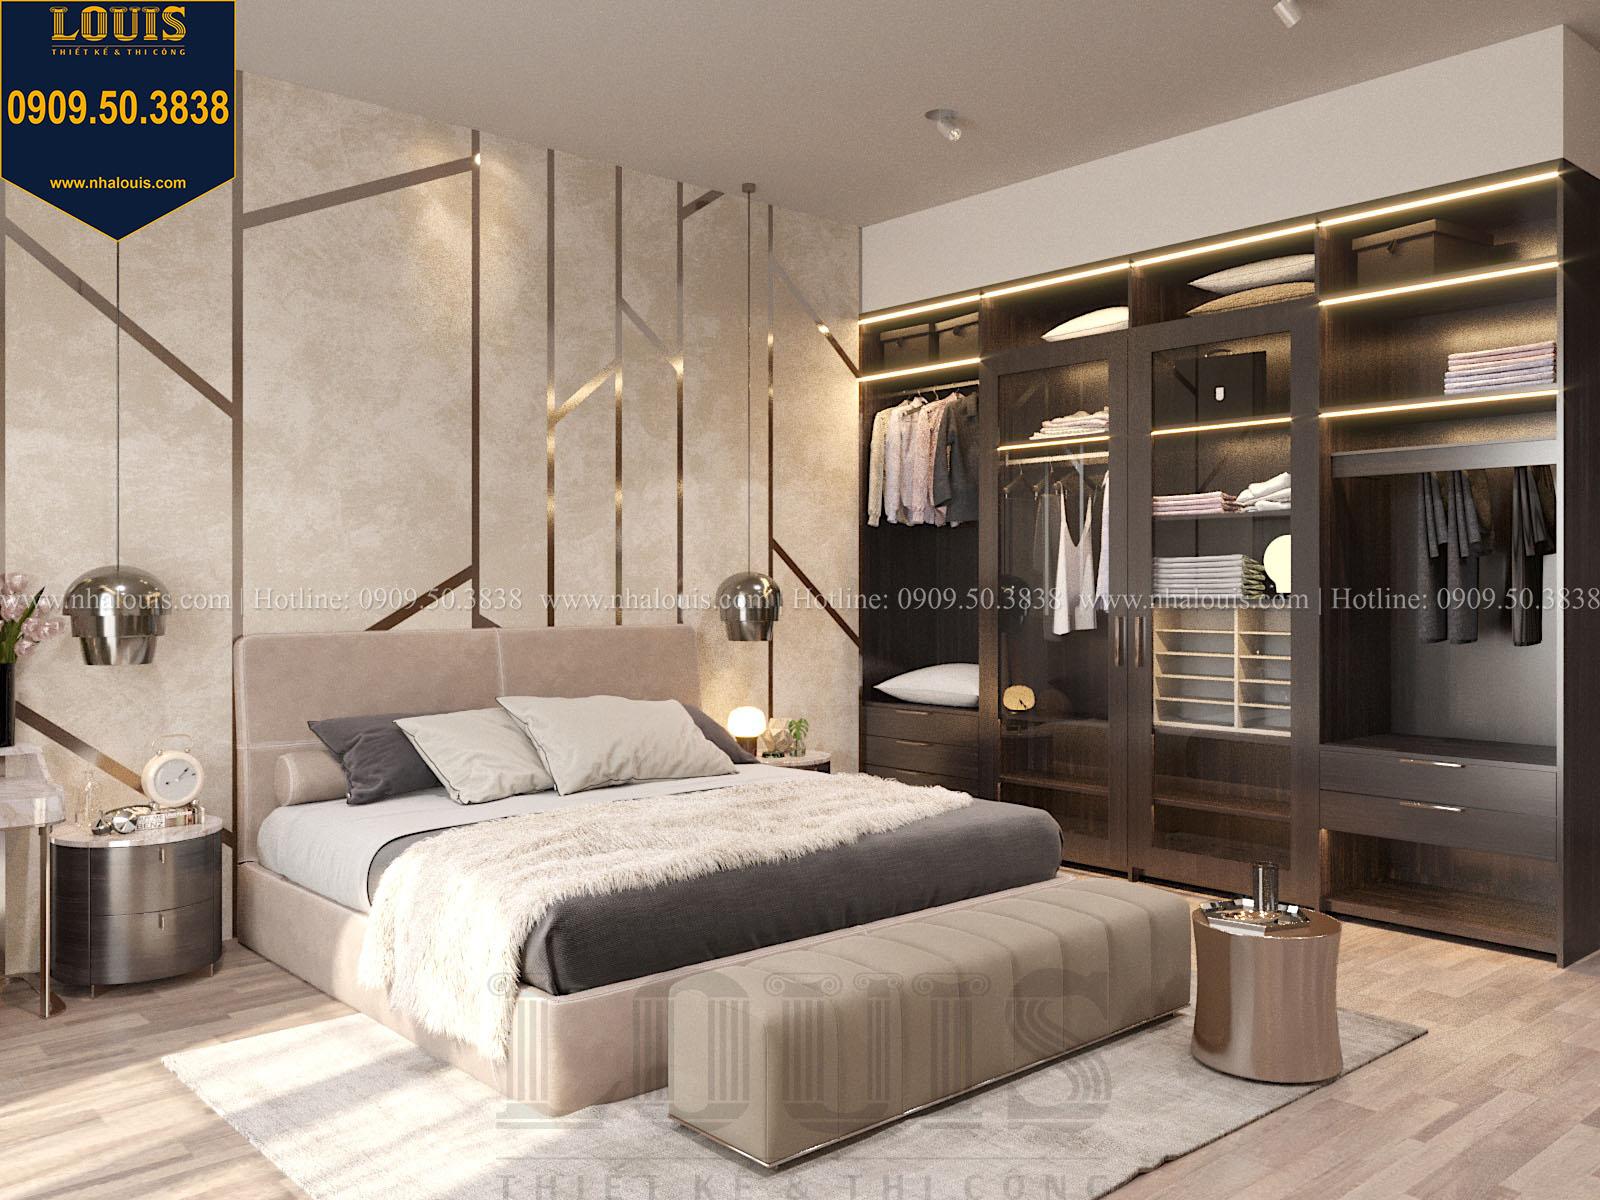 Phòng ngủ biệt thự 2 tầng đẹp - 034